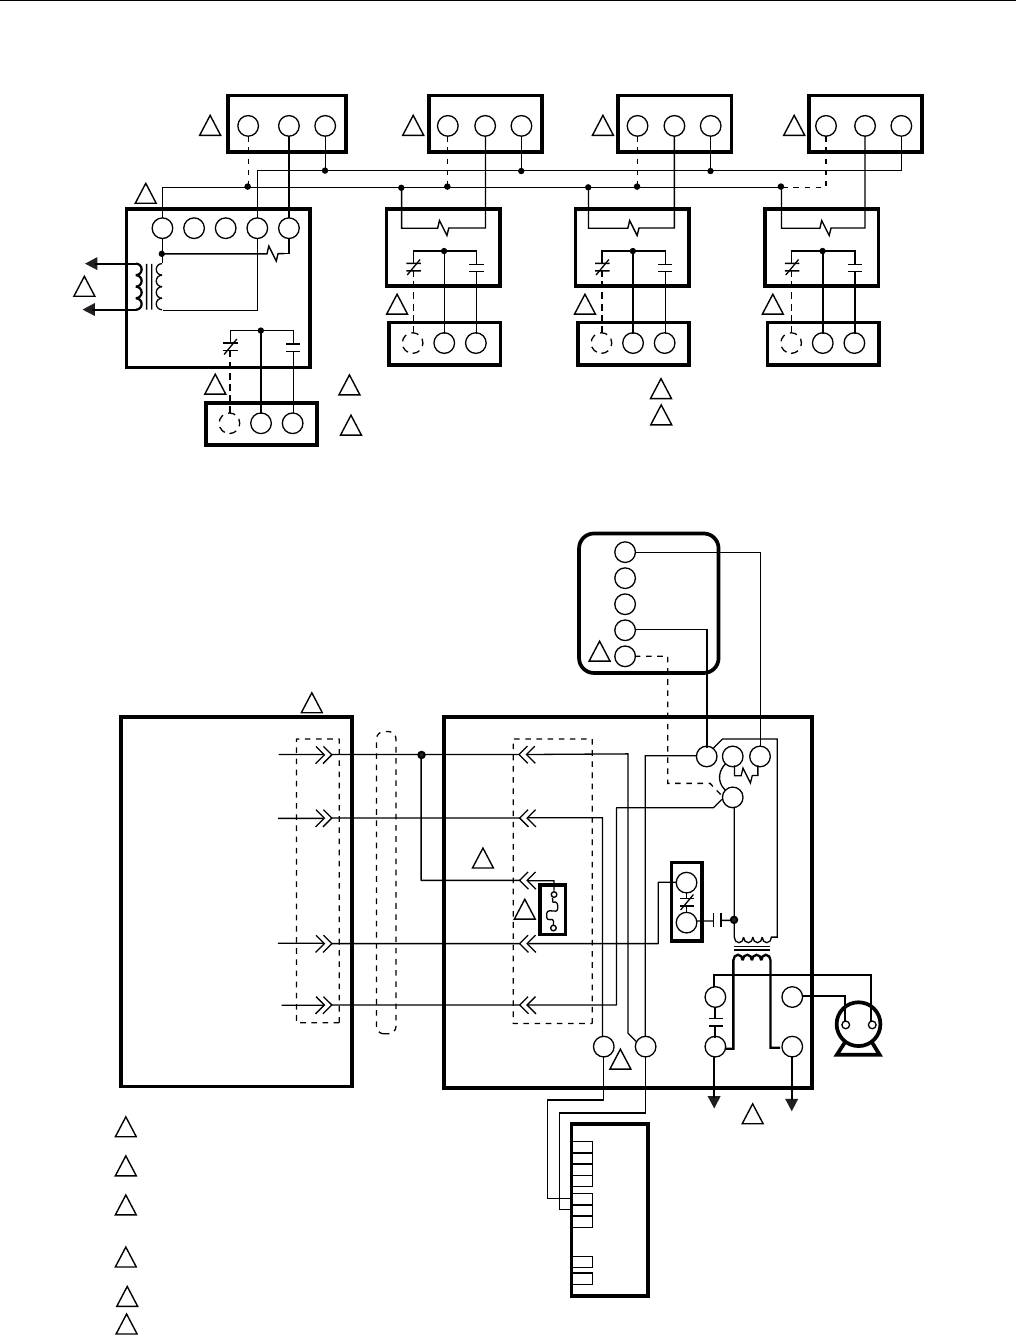 r8285a1048 wiring diagram